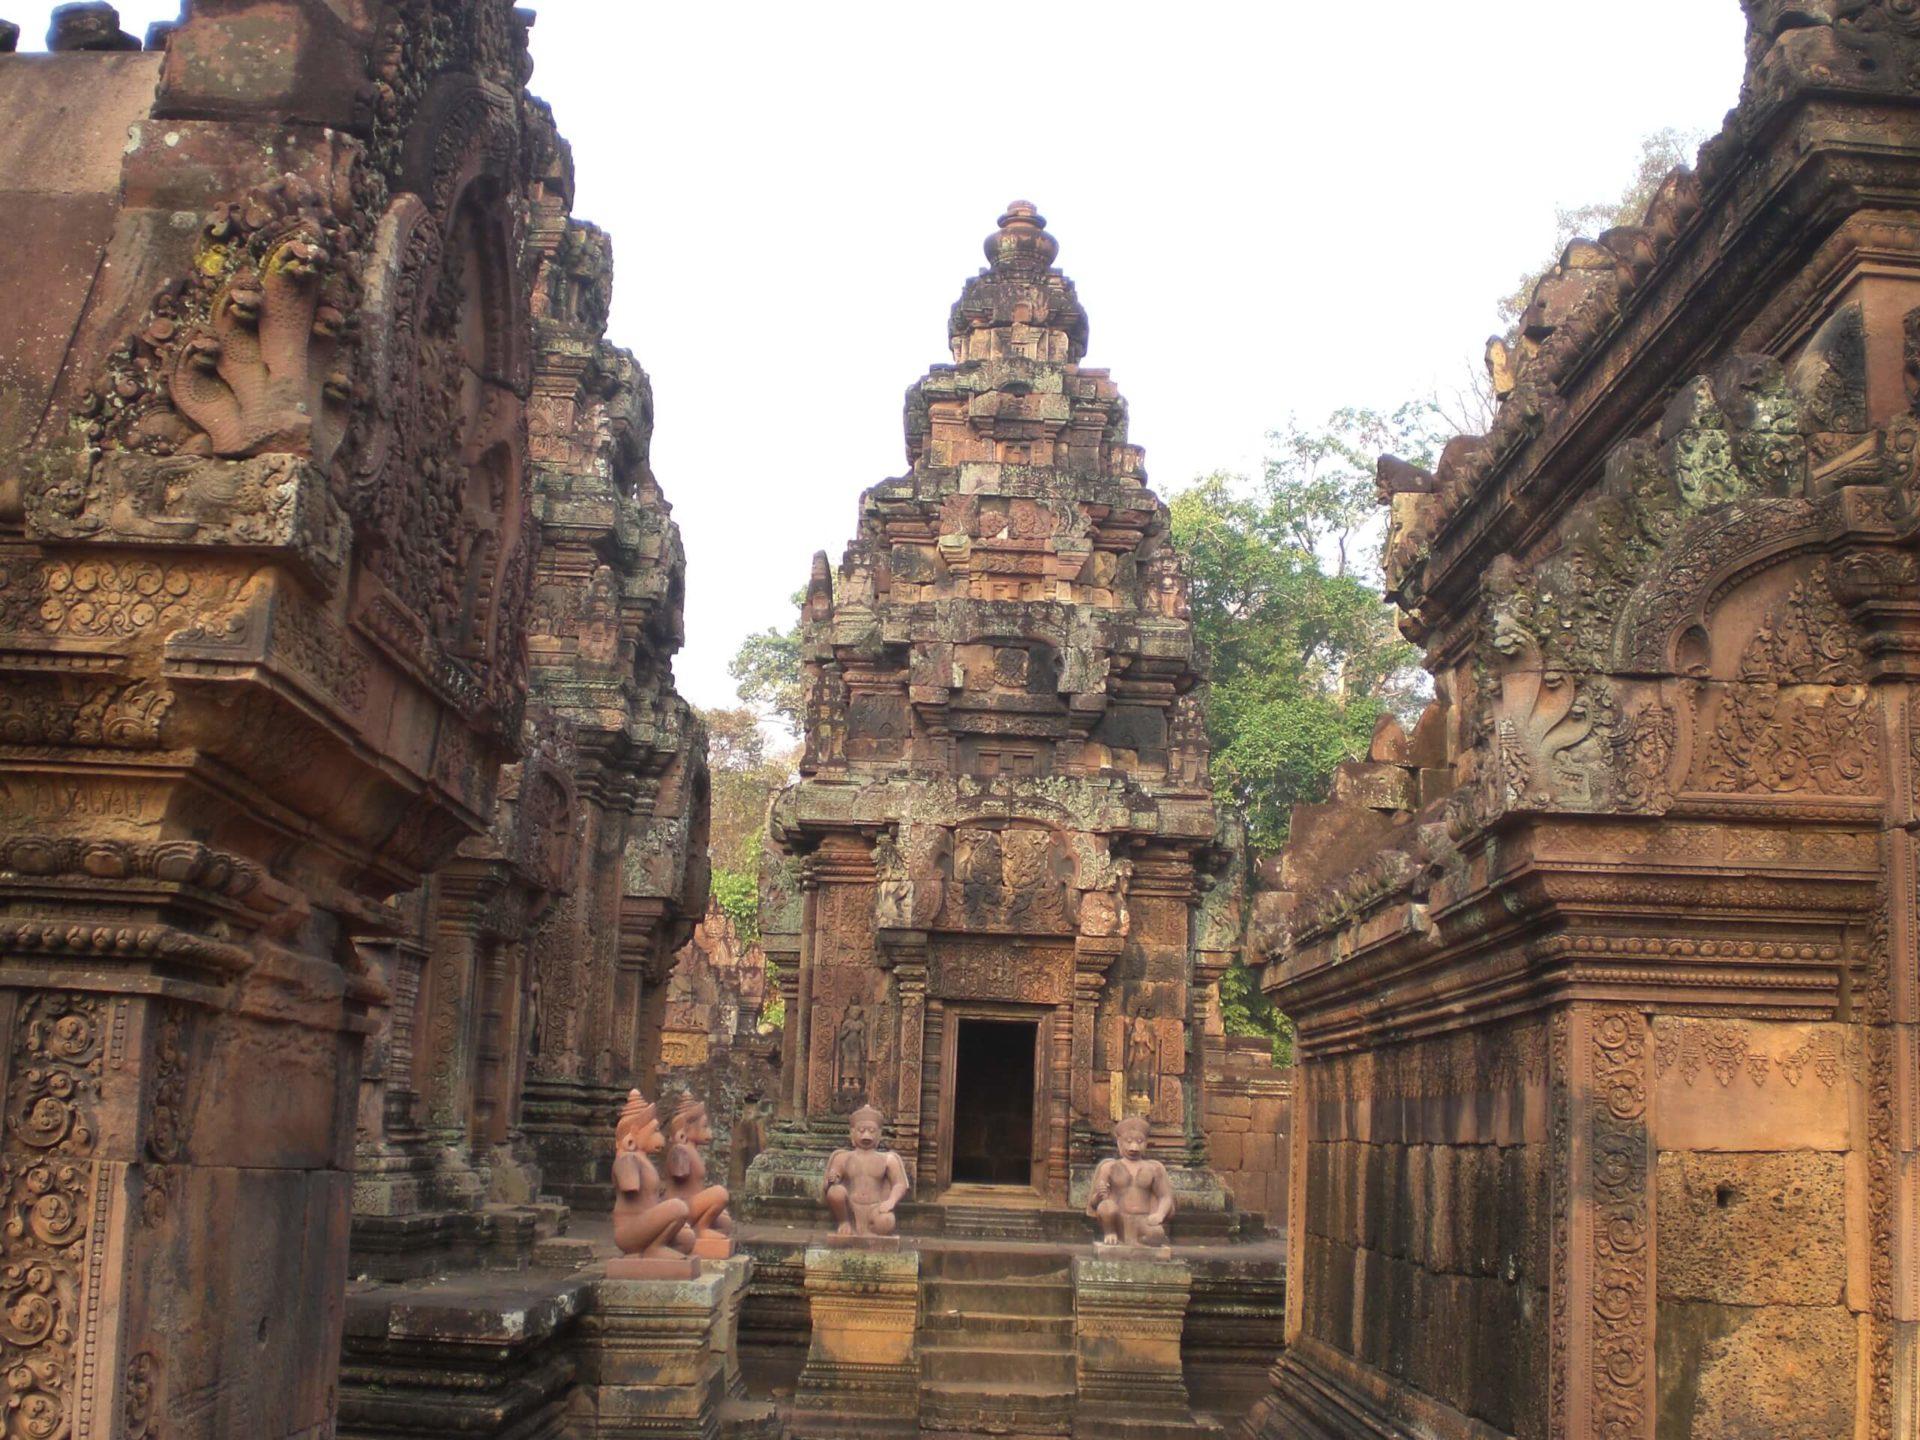 Kambodscha: Kein Visum bei Ankunft mehr!